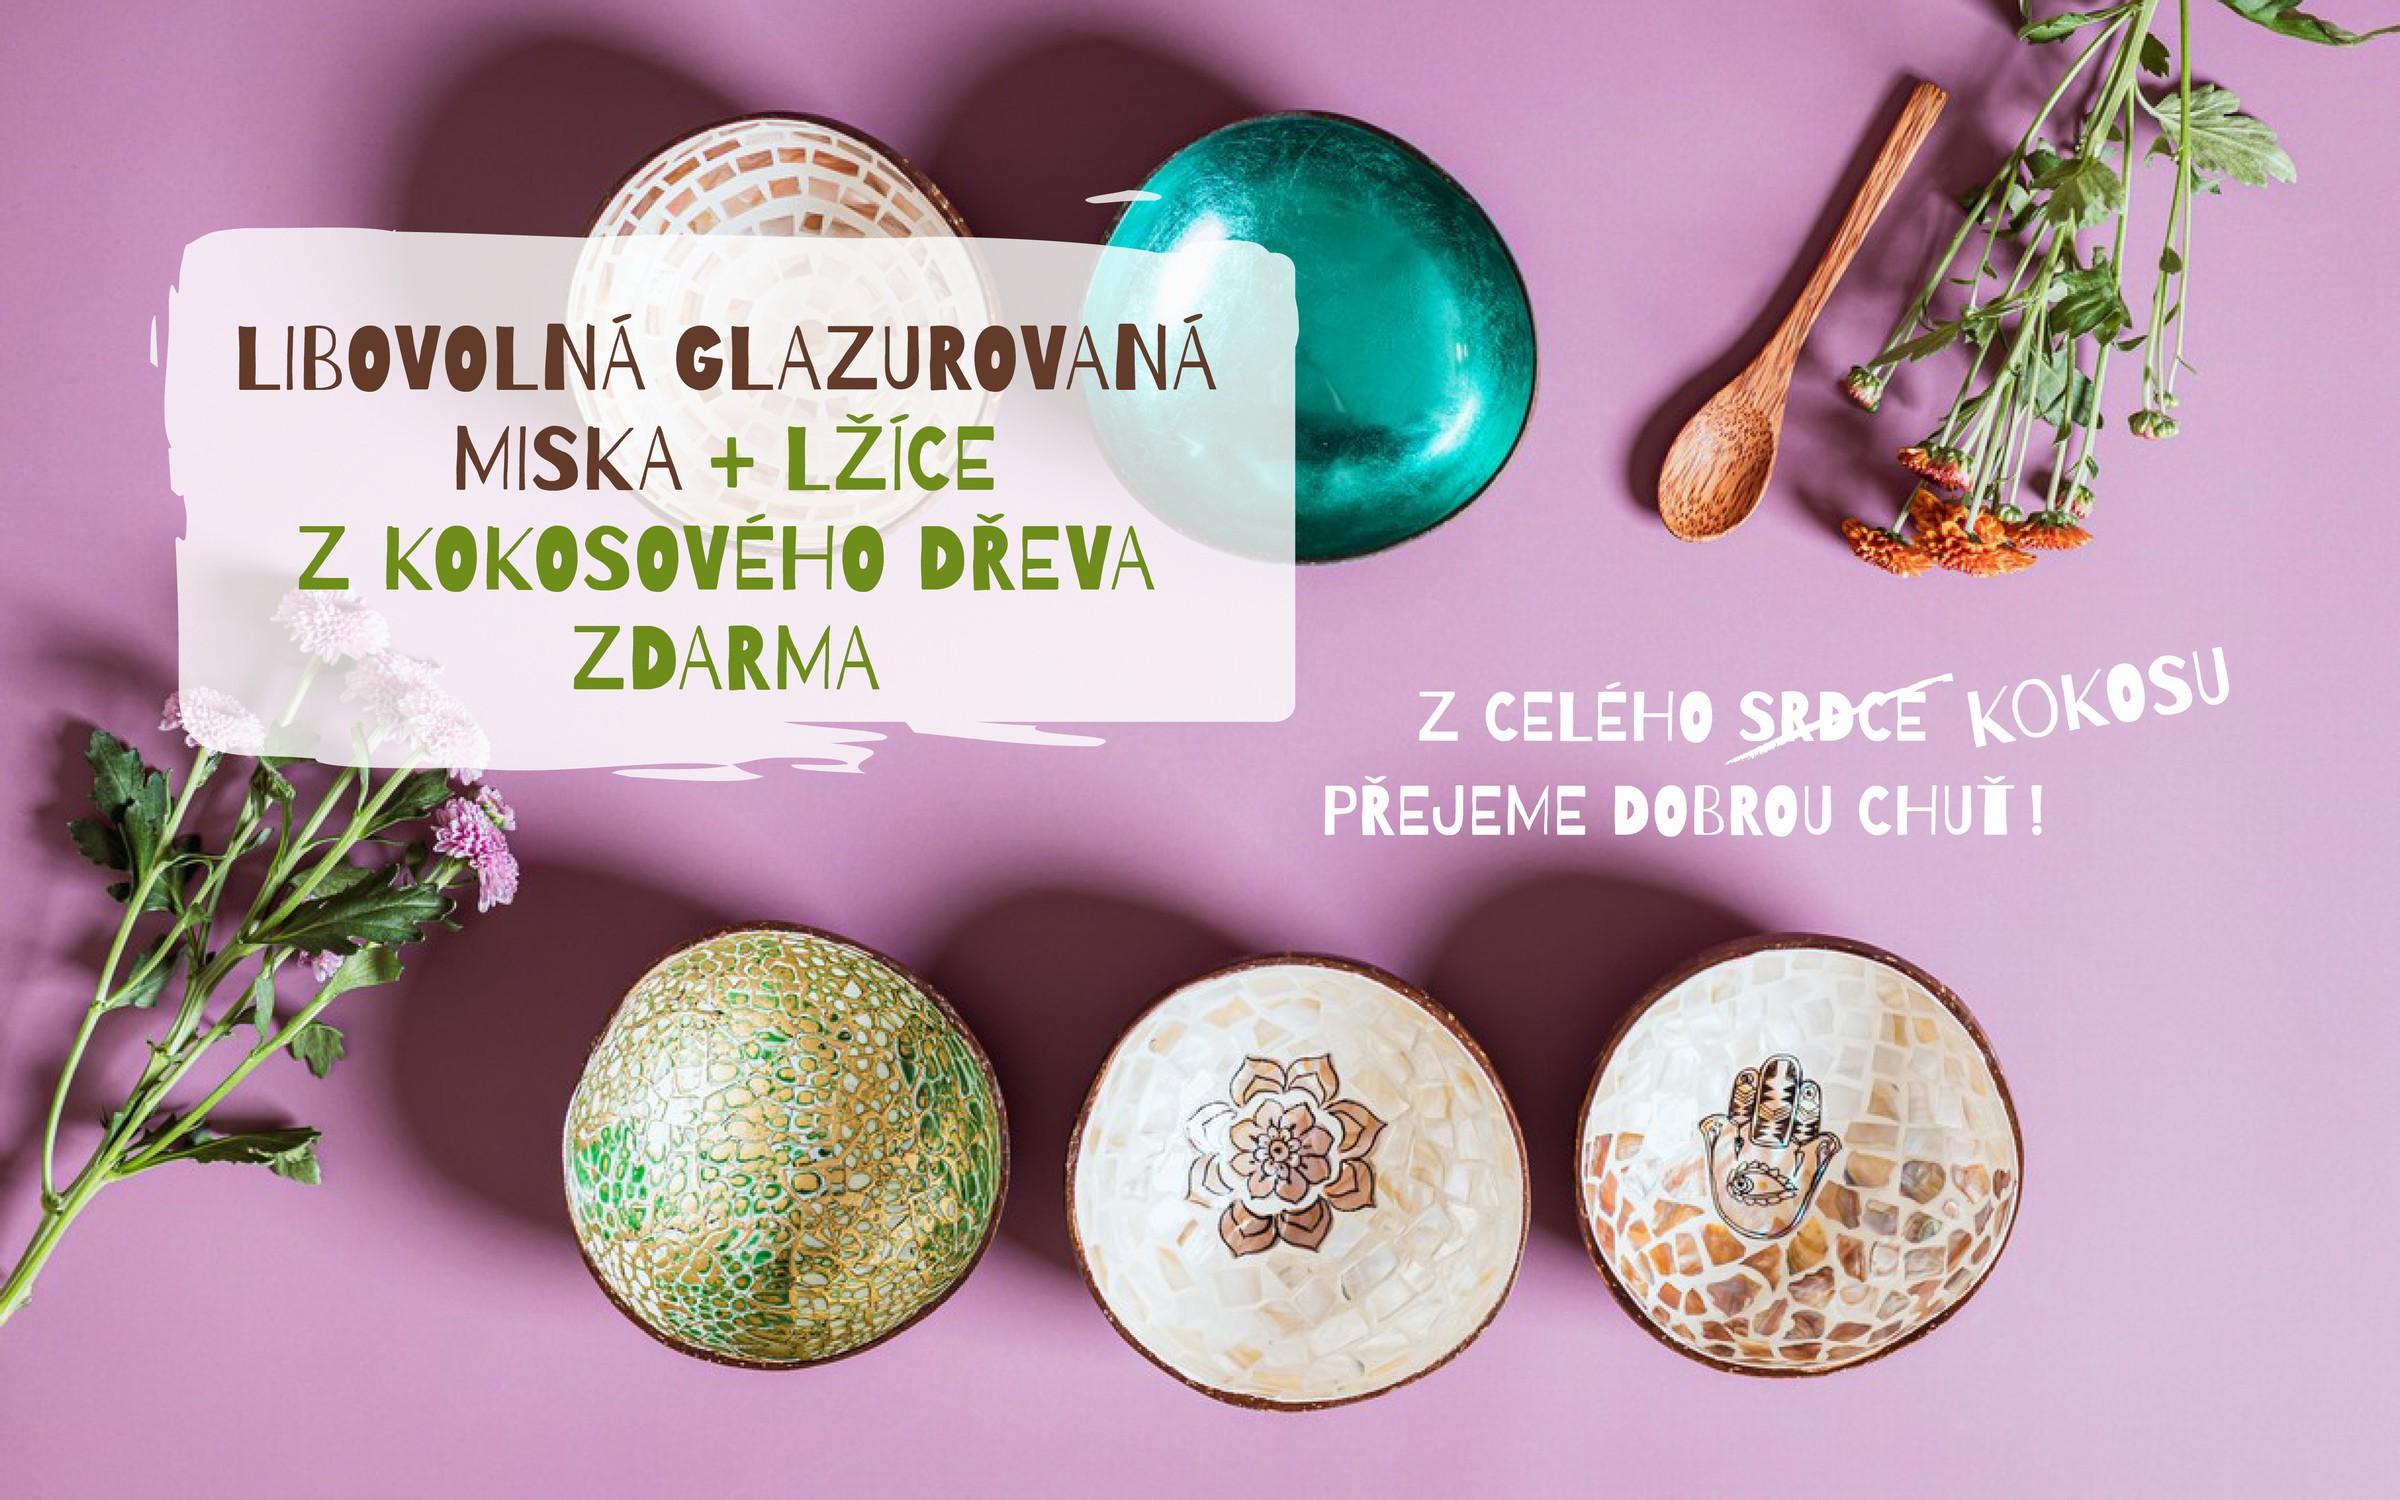 Glazurovaná miska + lžíce ZDARMA